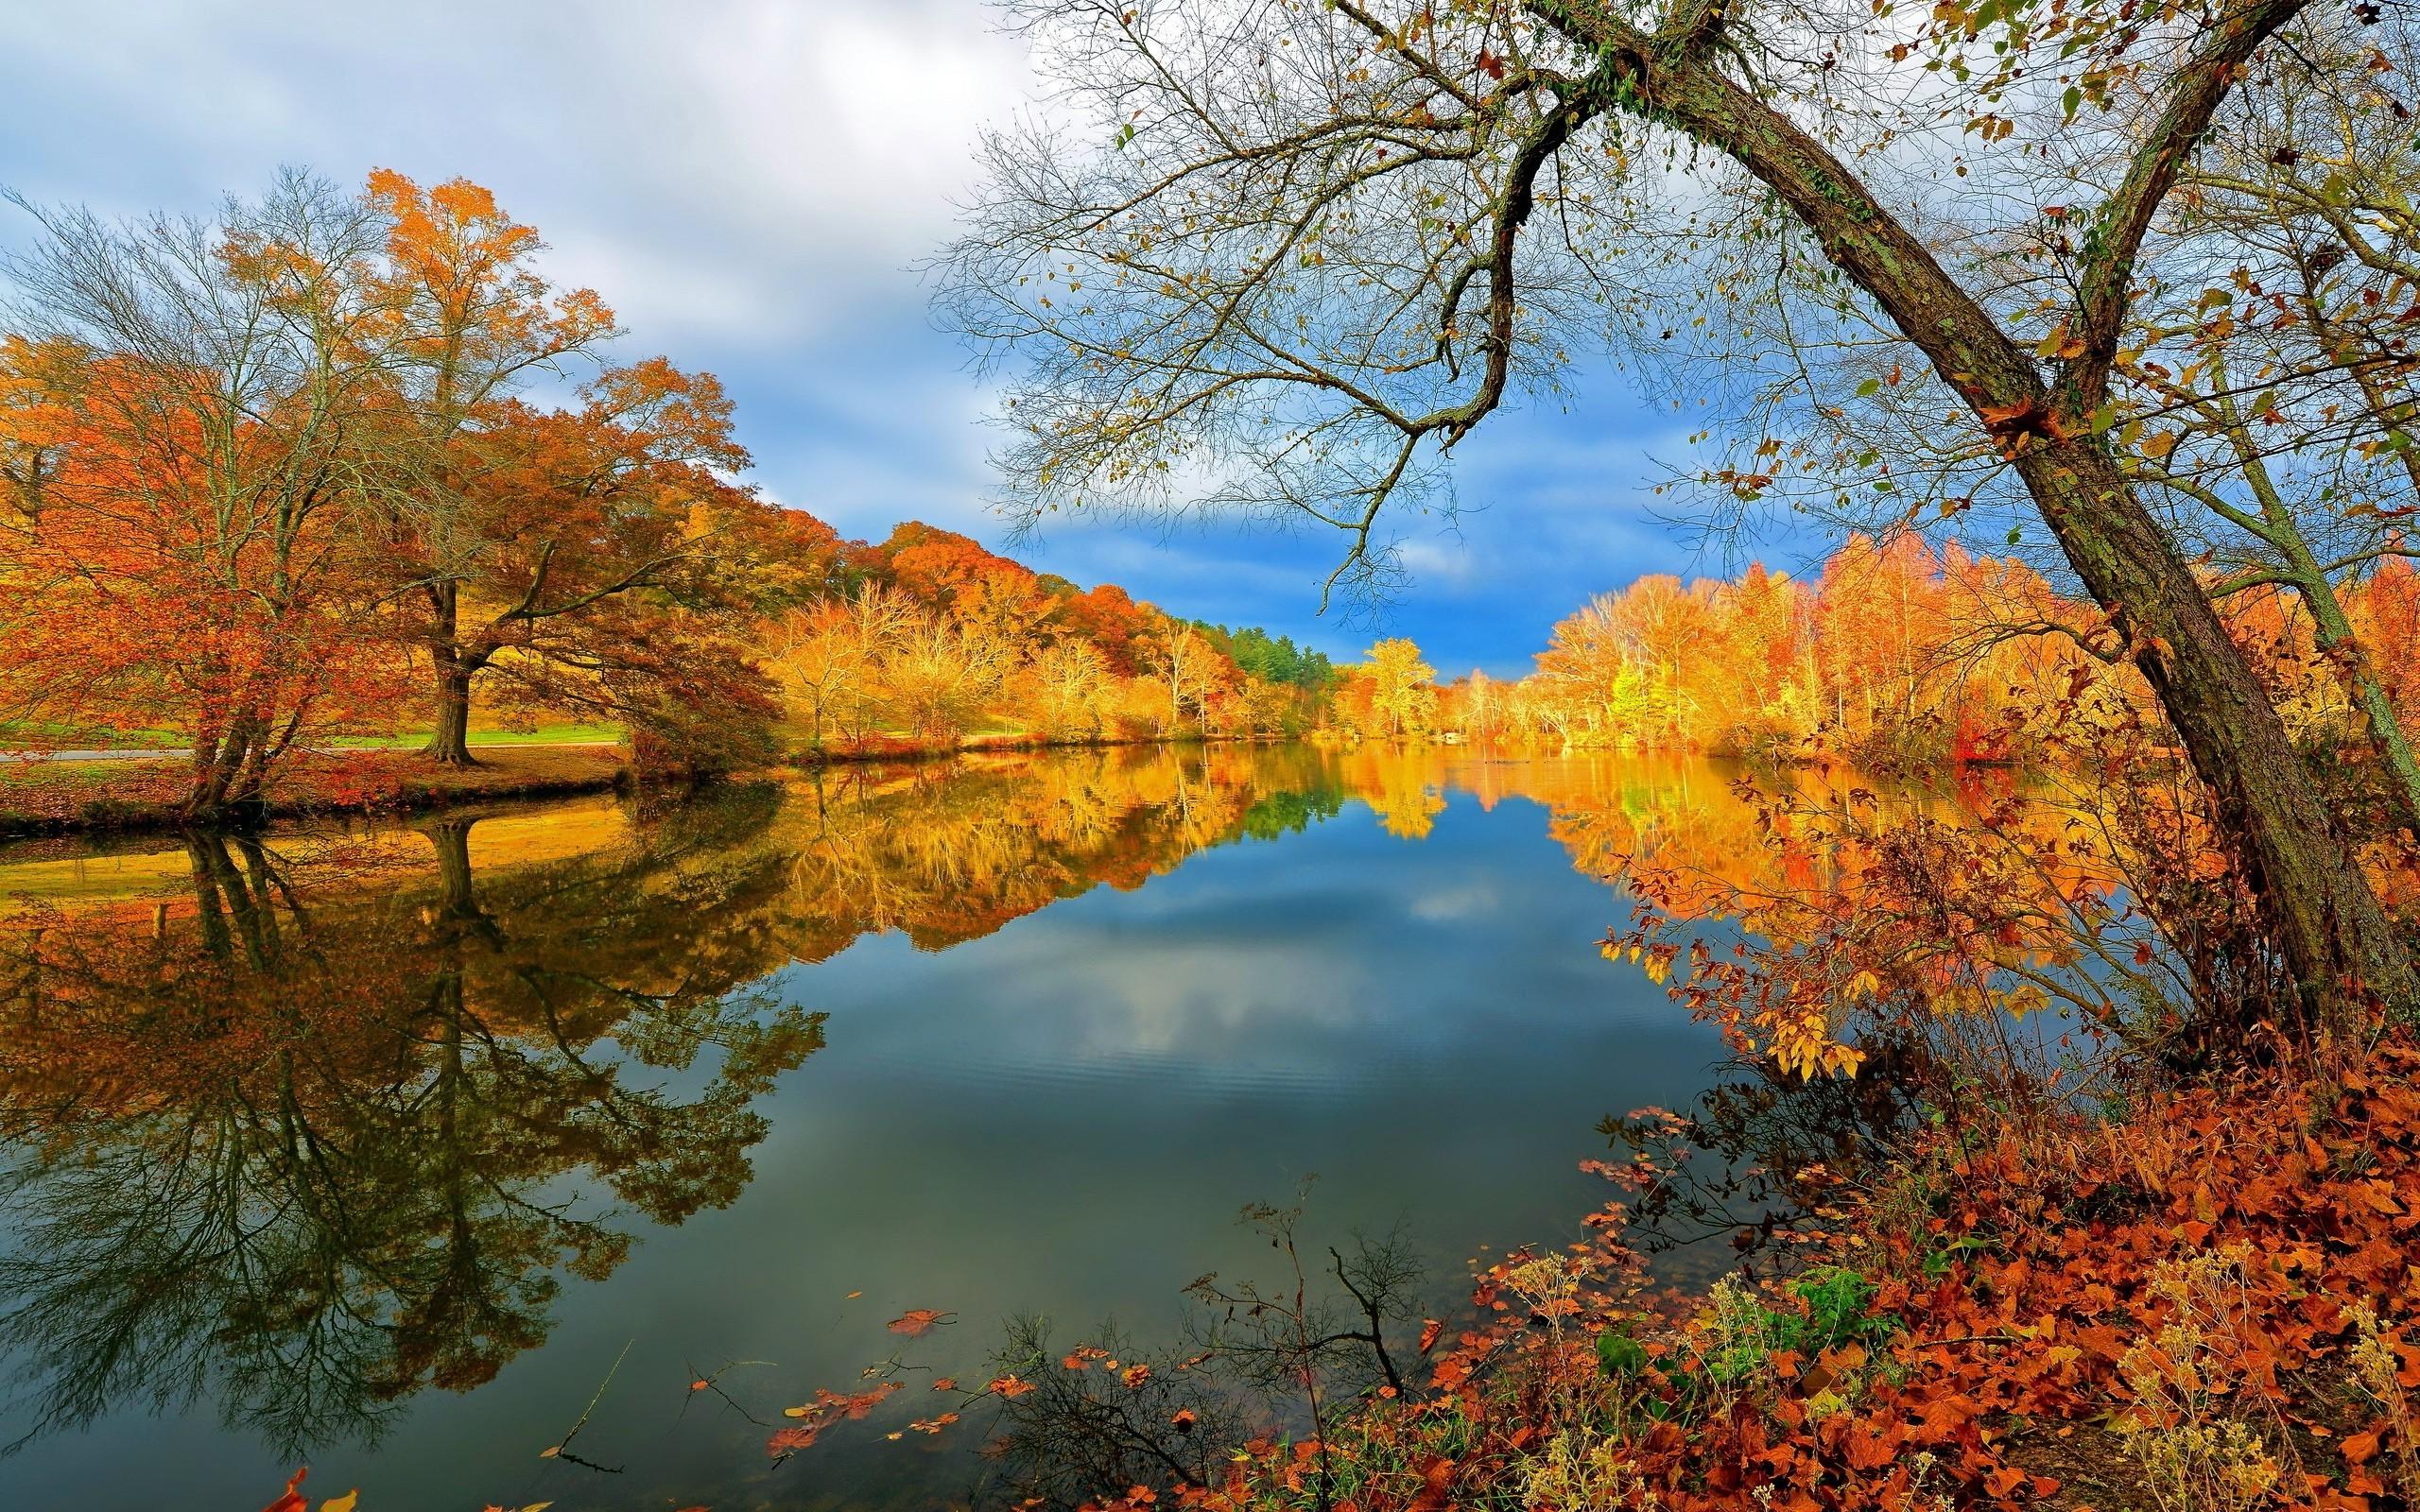 Обои на рабочий стол золотая осень озеро